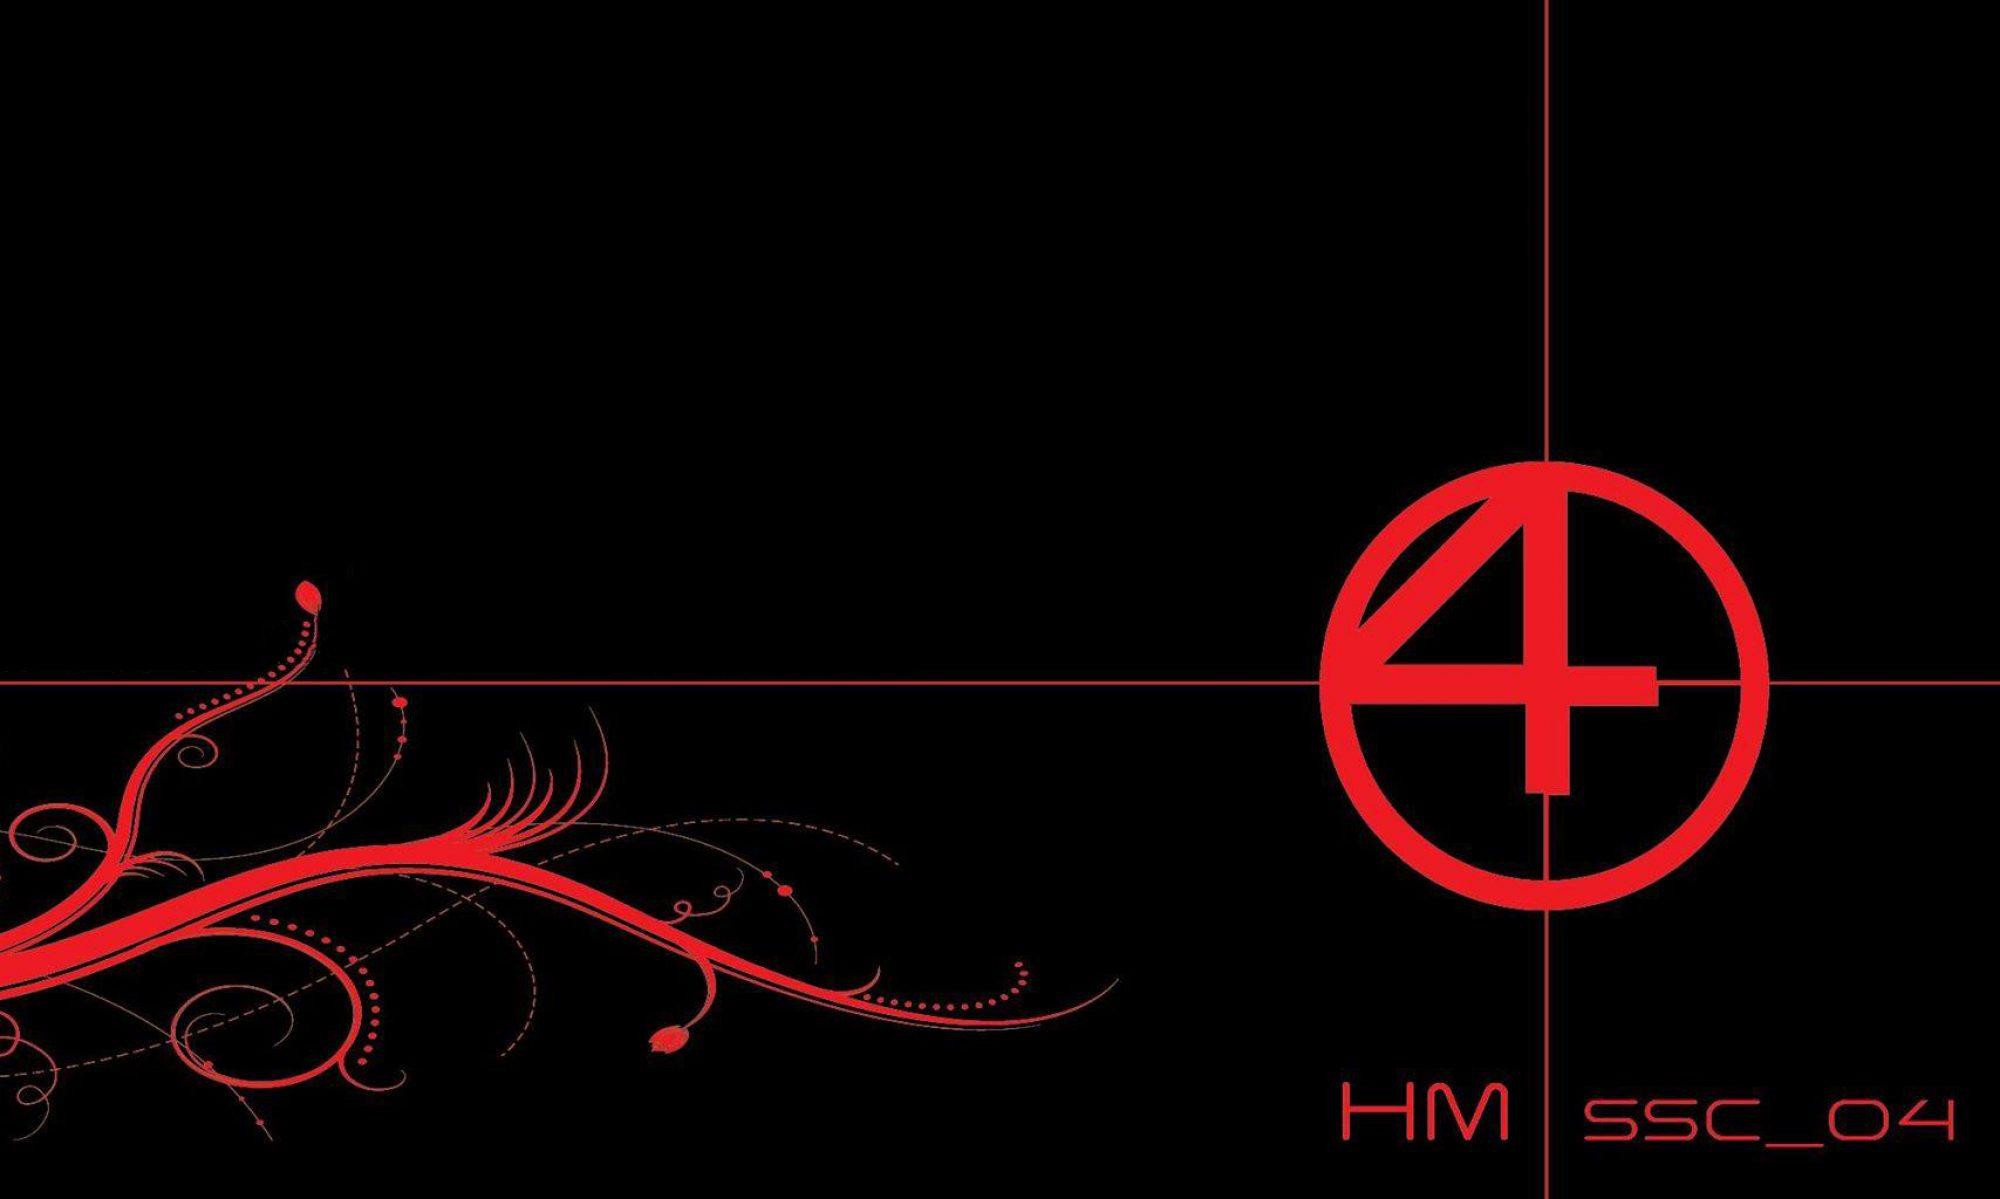 Harimohan SSC 04